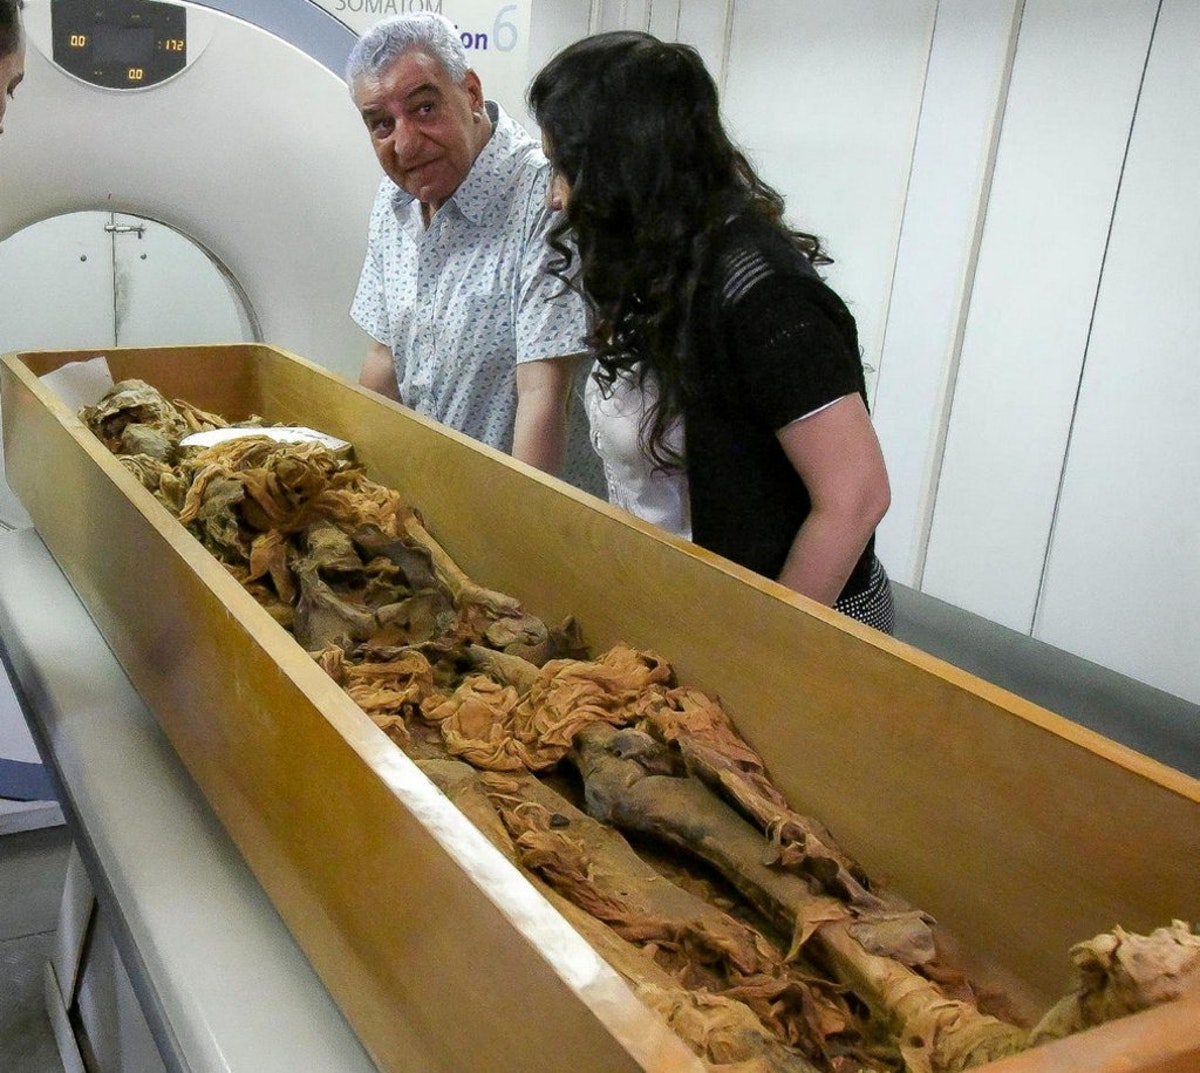 خبير الآثار المصري زاهي حواس خلال إجراء أشعة مقطعية على مومياء لملك مصري قديم - REUTERS